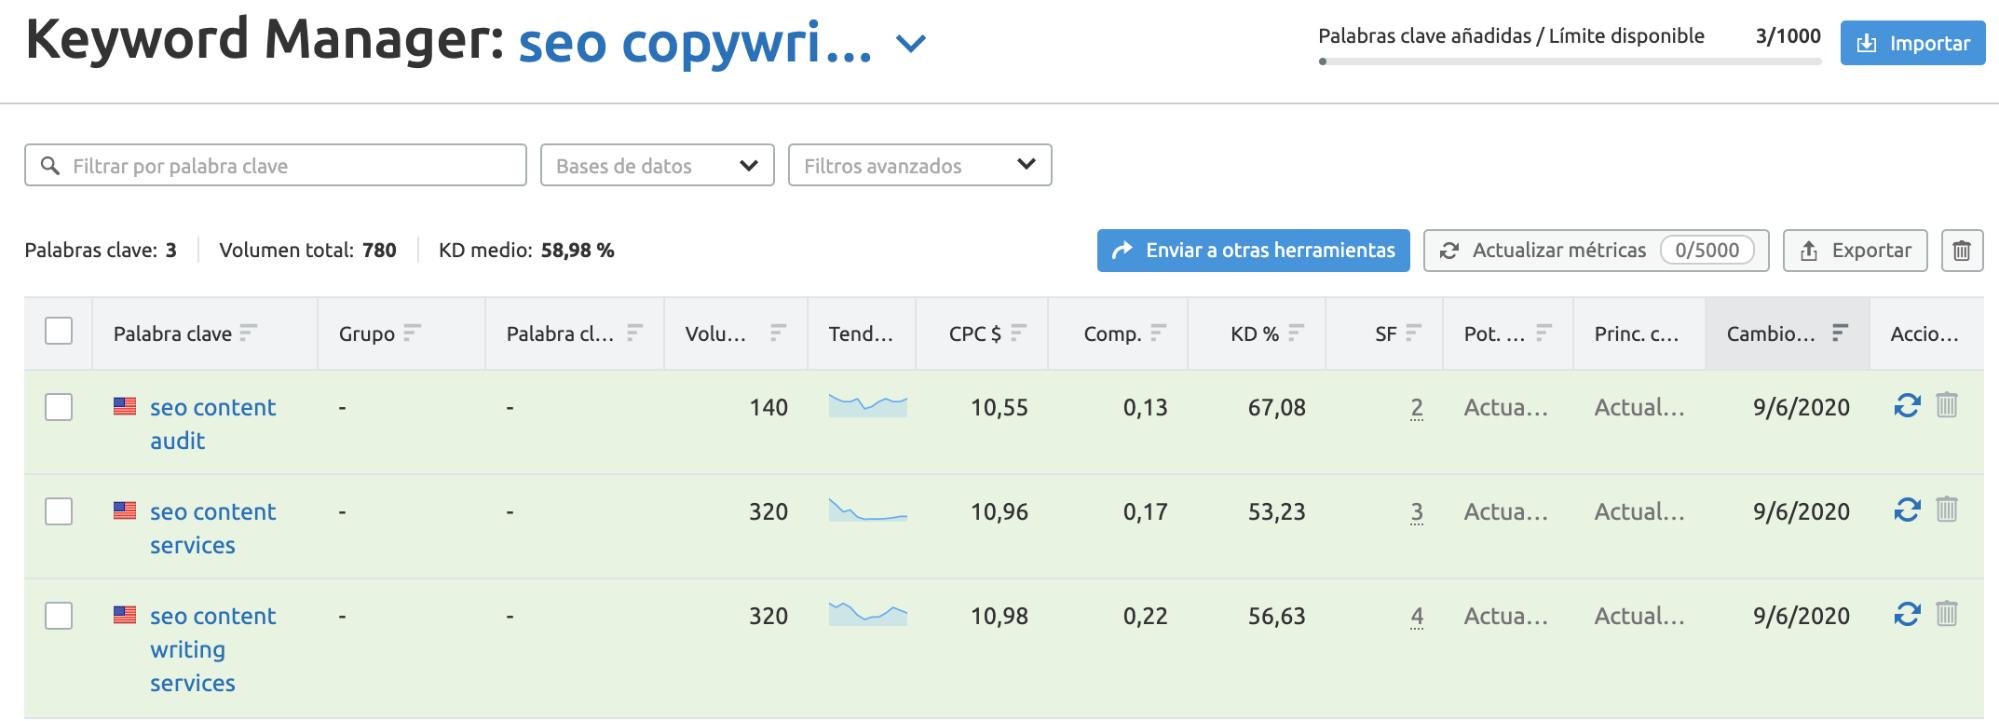 Plan de contenidos - Keyword manager